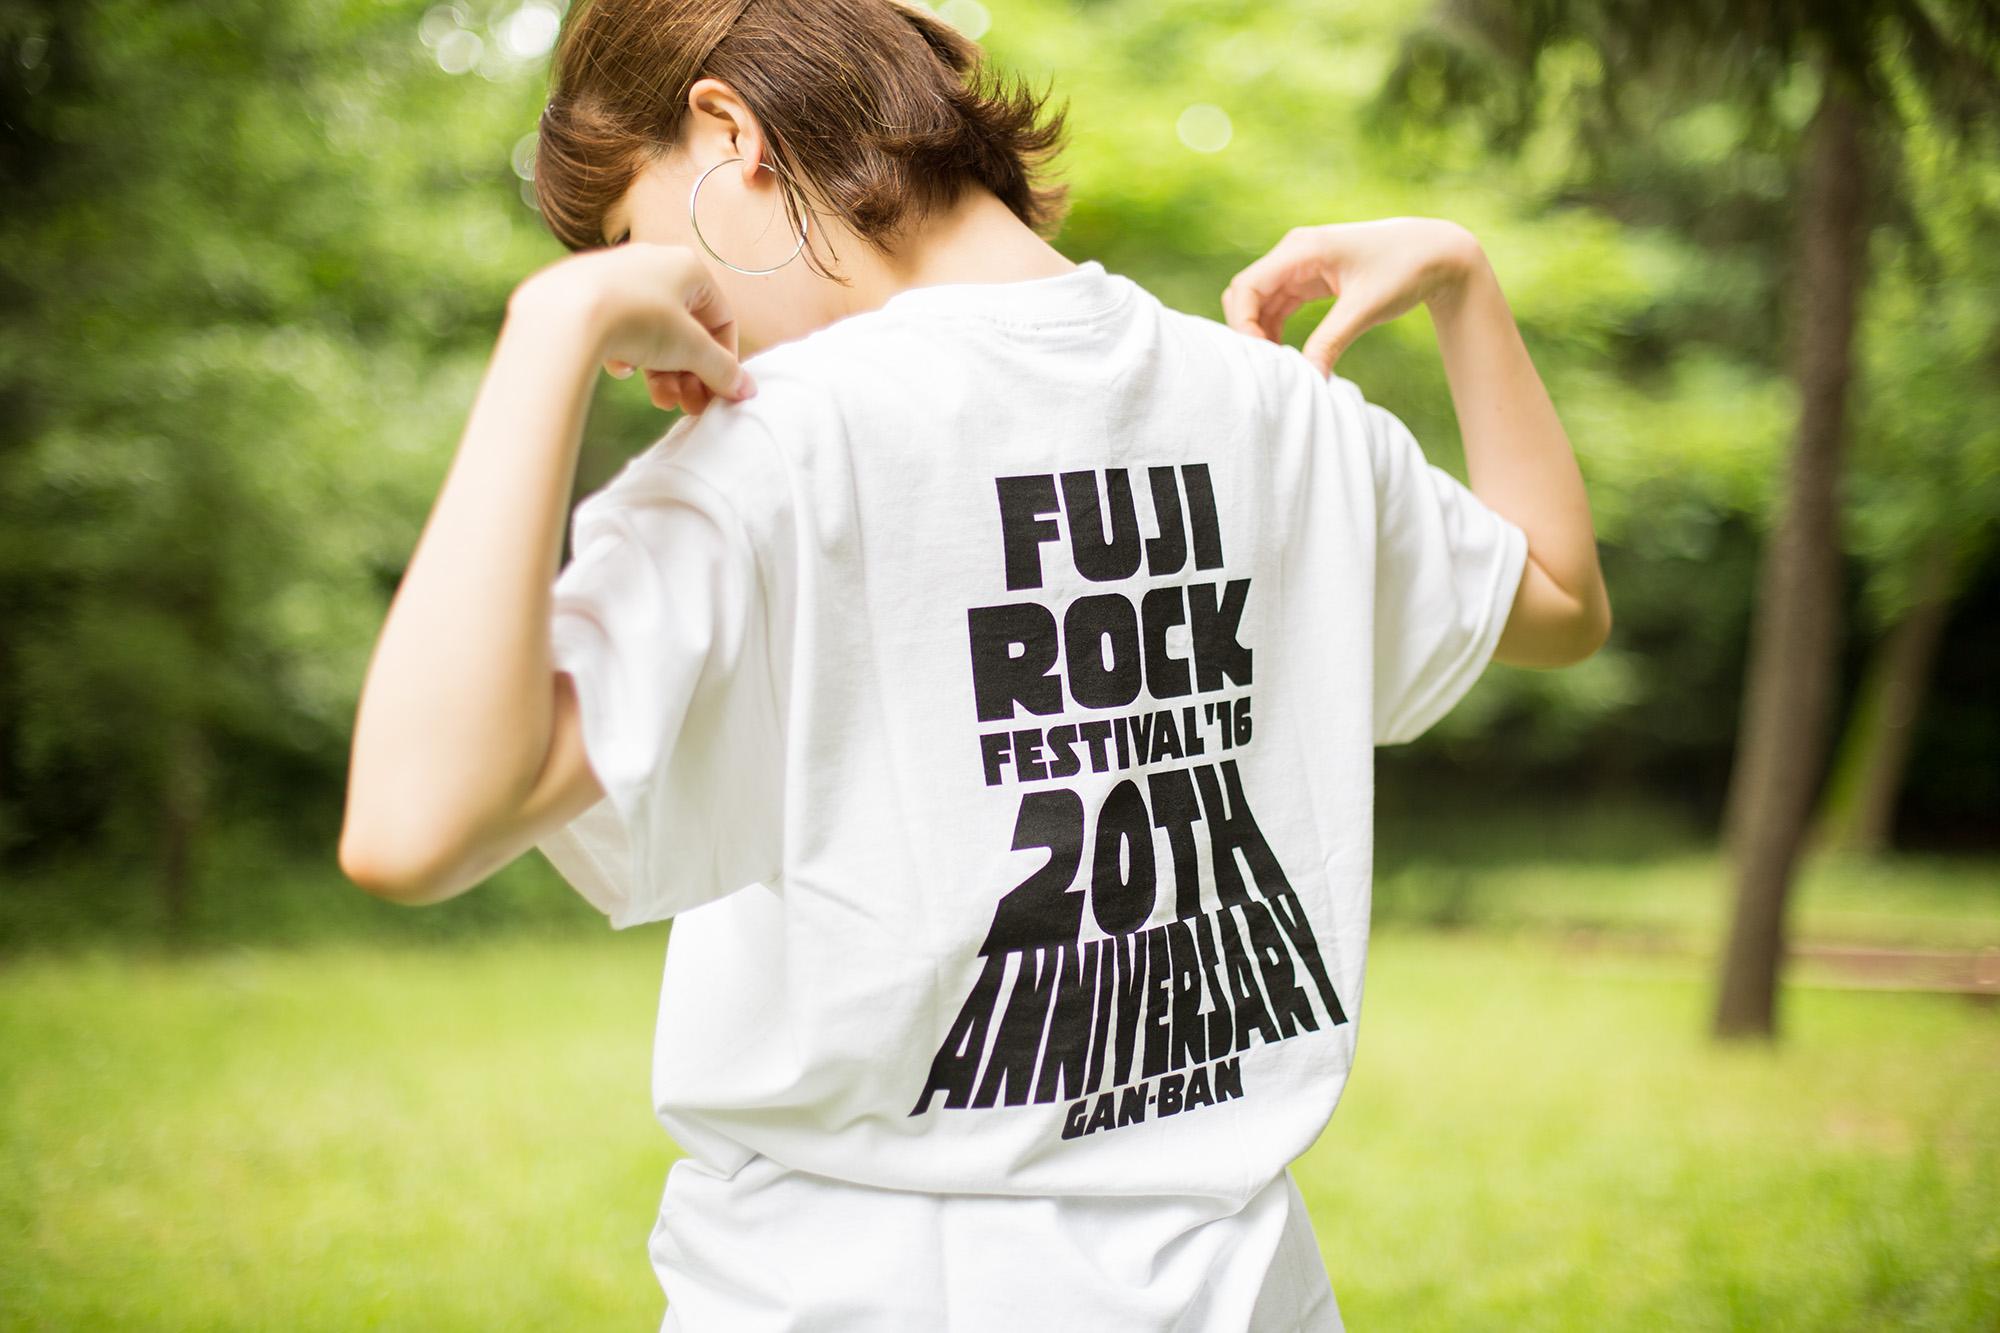 【フェスファッション】フジロックにも着ていきたい!2016年、夏フェスコーデ R7A3471